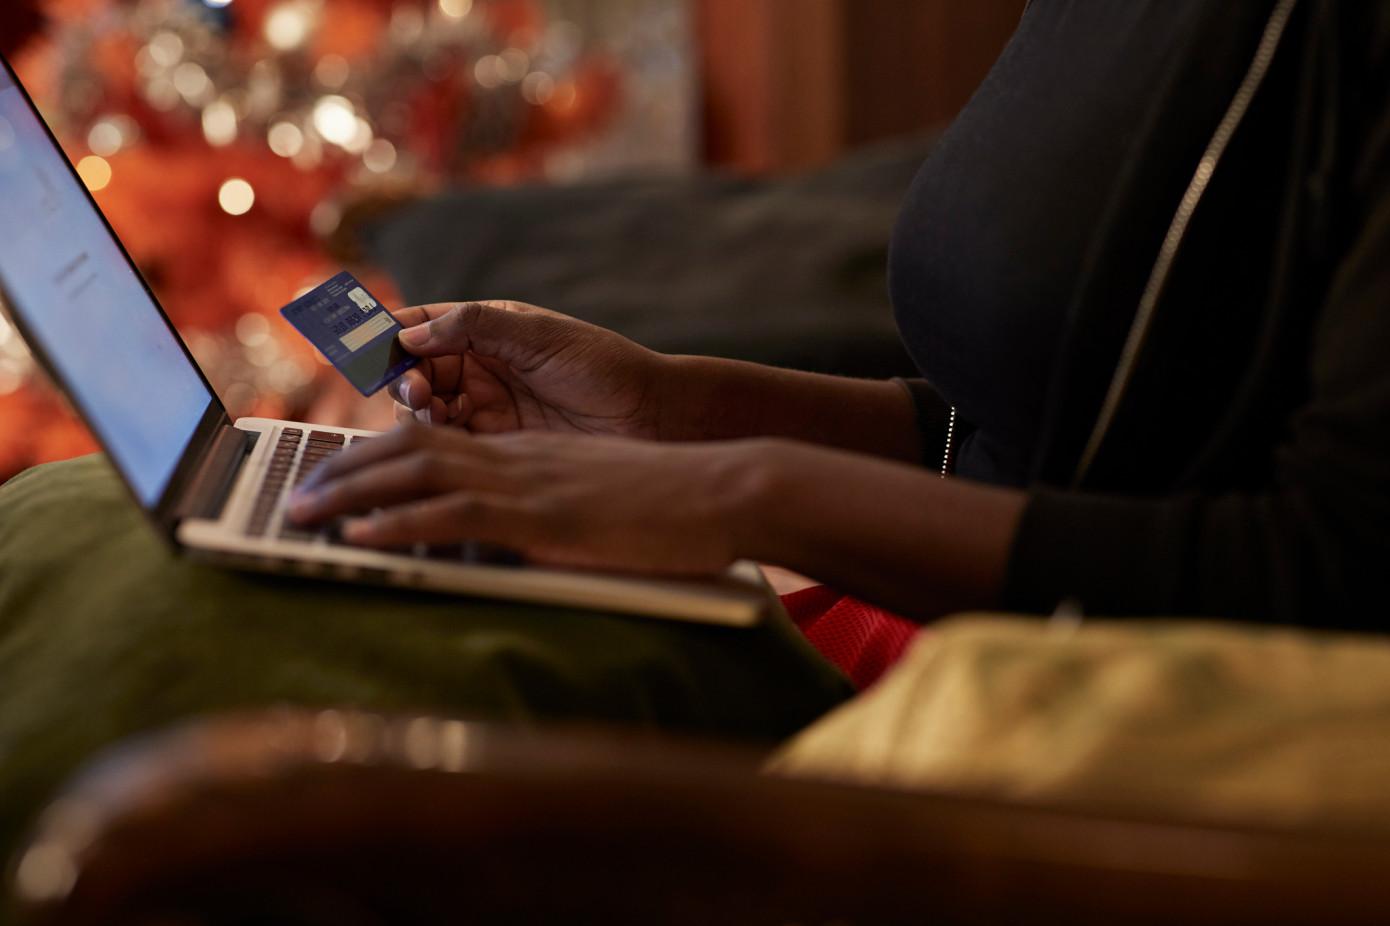 В «Киберпонедельник» объём онлайн-продаж в США достиг $9,4 млрд